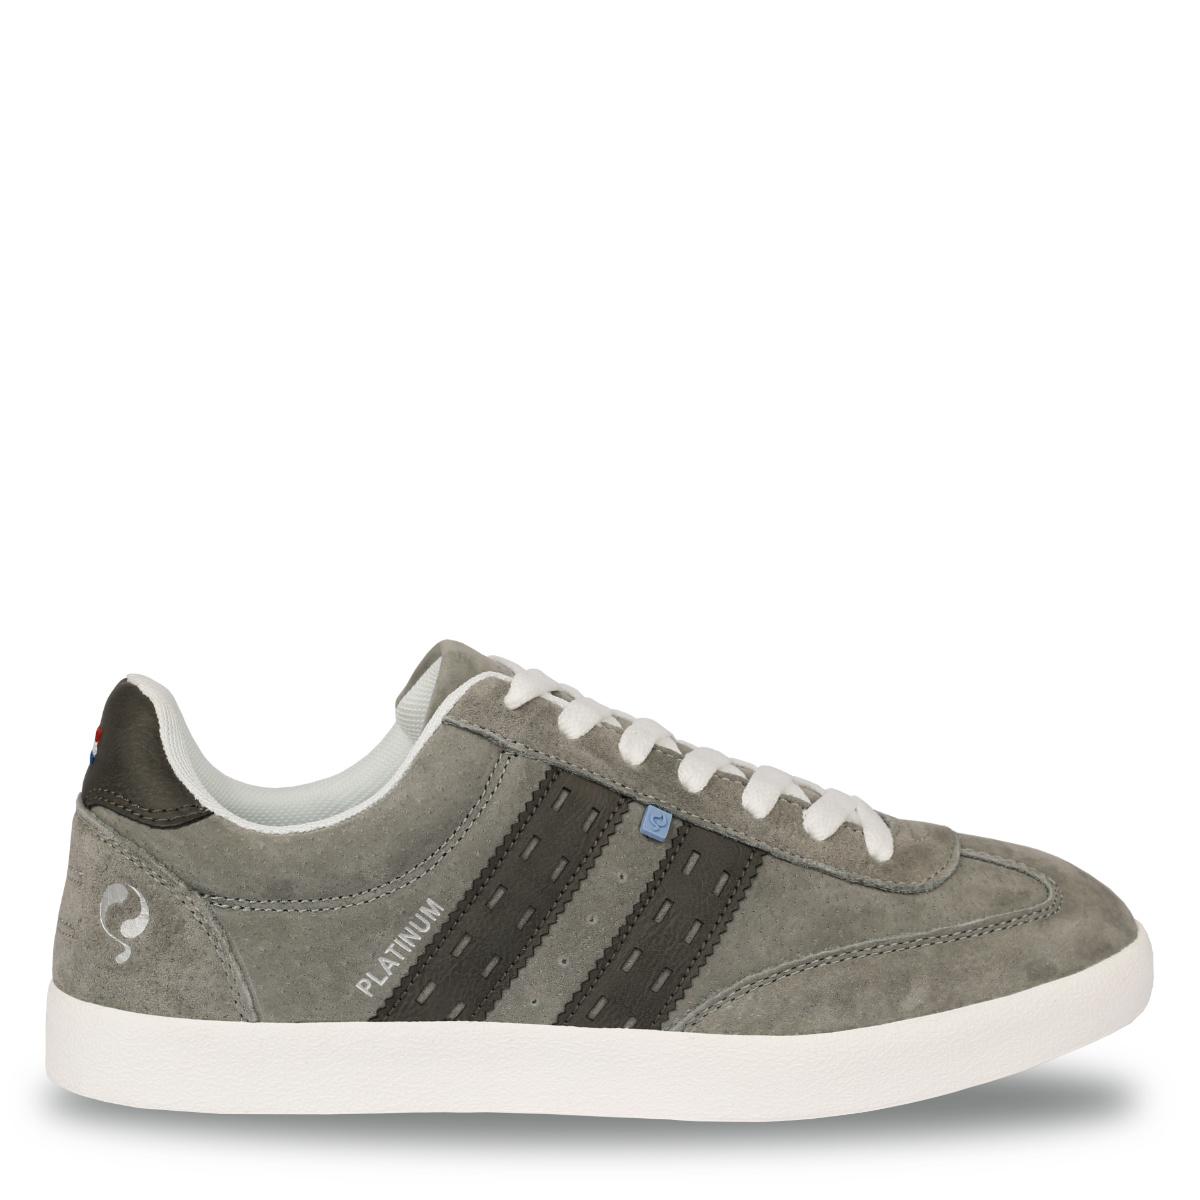 Heren Sneaker Platinum - Lichtgrijs/Donkergrijs